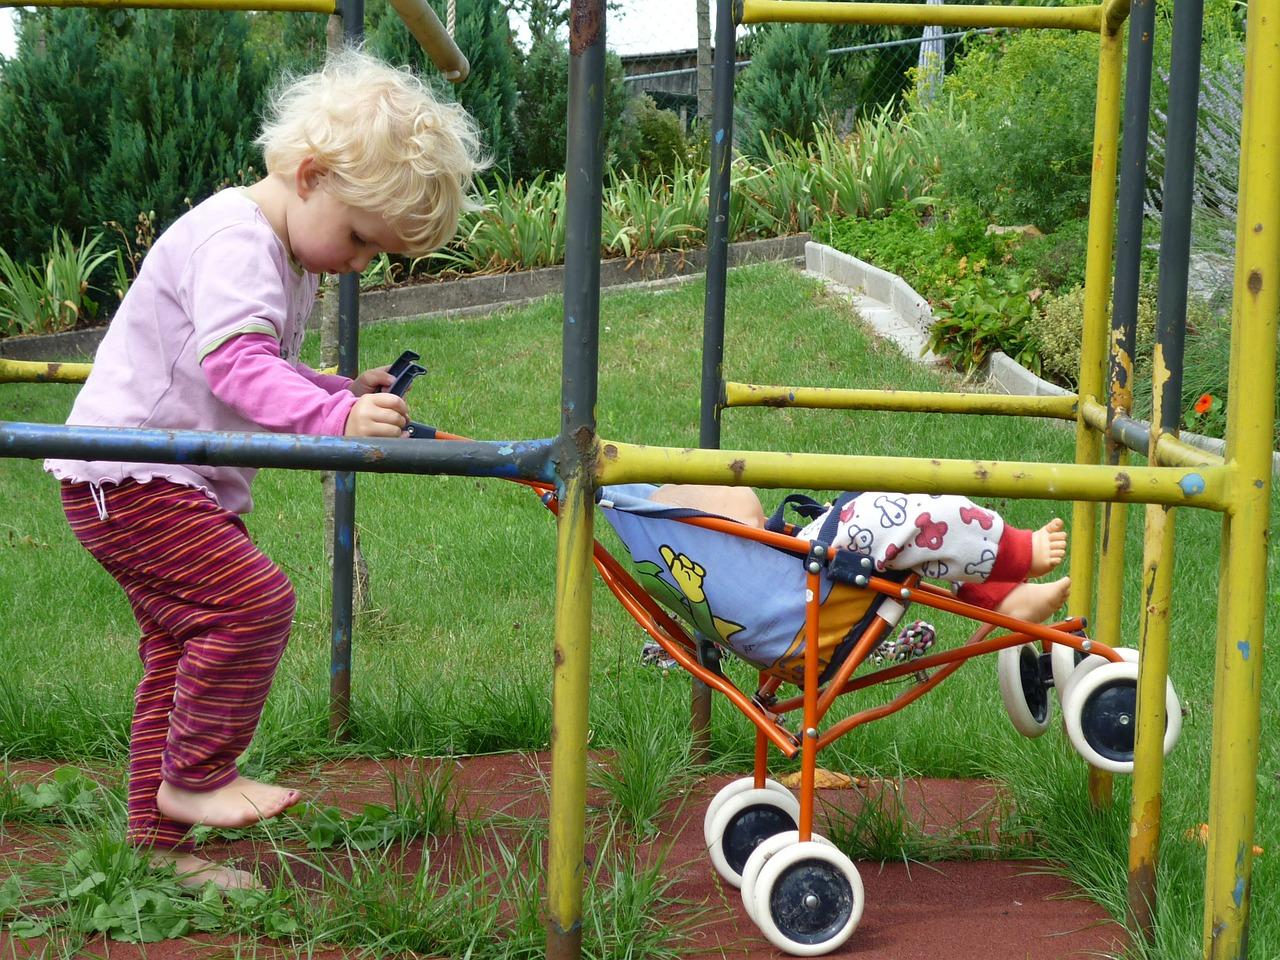 Kind Vom Klettergerüst Gefallen : Kooperation mein kind will nicht kooperieren